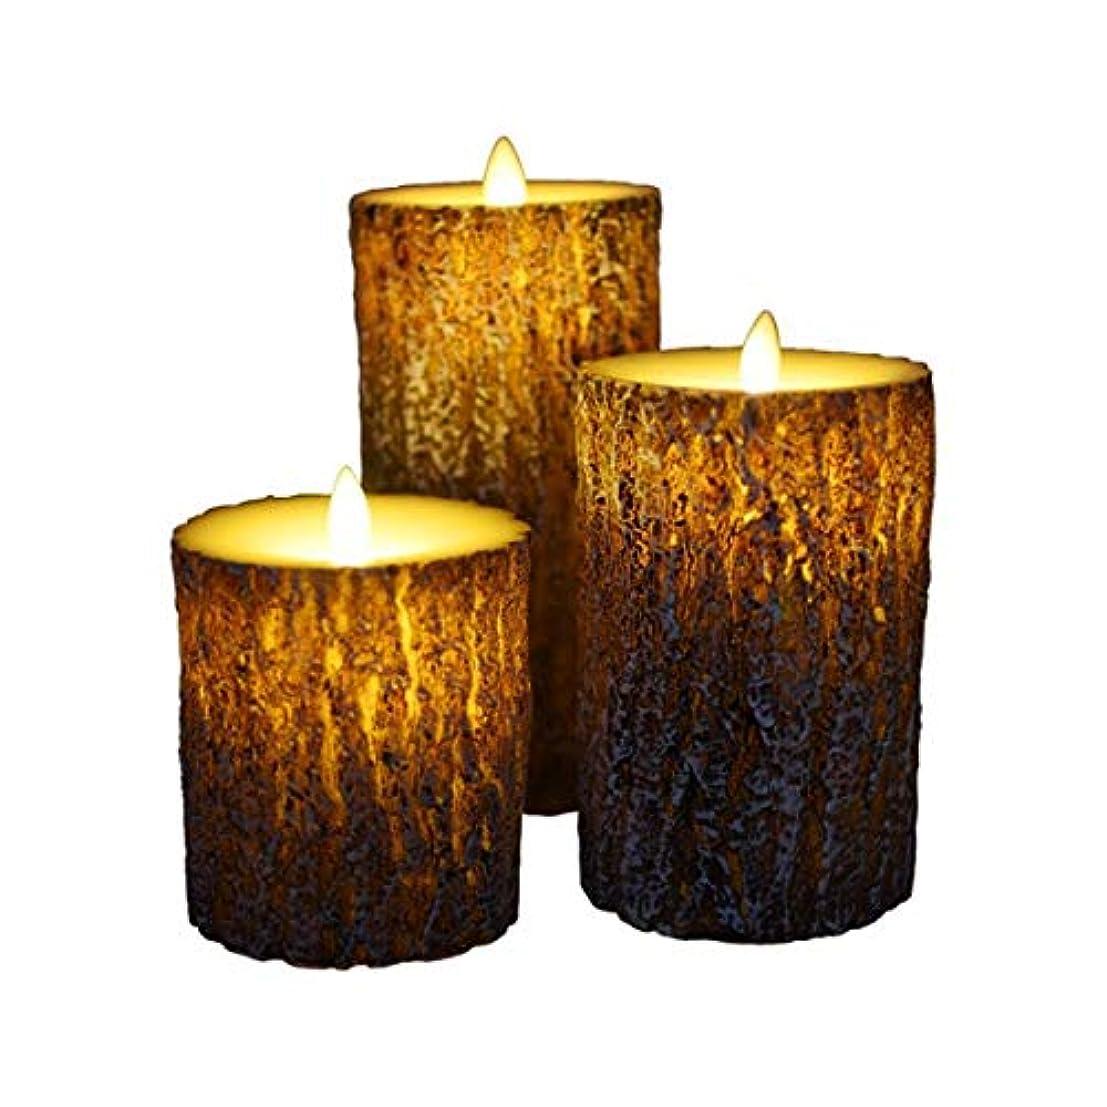 適合マニアックオーバーコートフレームレスキャンドルちらつきLED炎、松の樹皮の外観バッテリー駆動、パーティーウェディングデコレーション(3パック),8.5X15cm